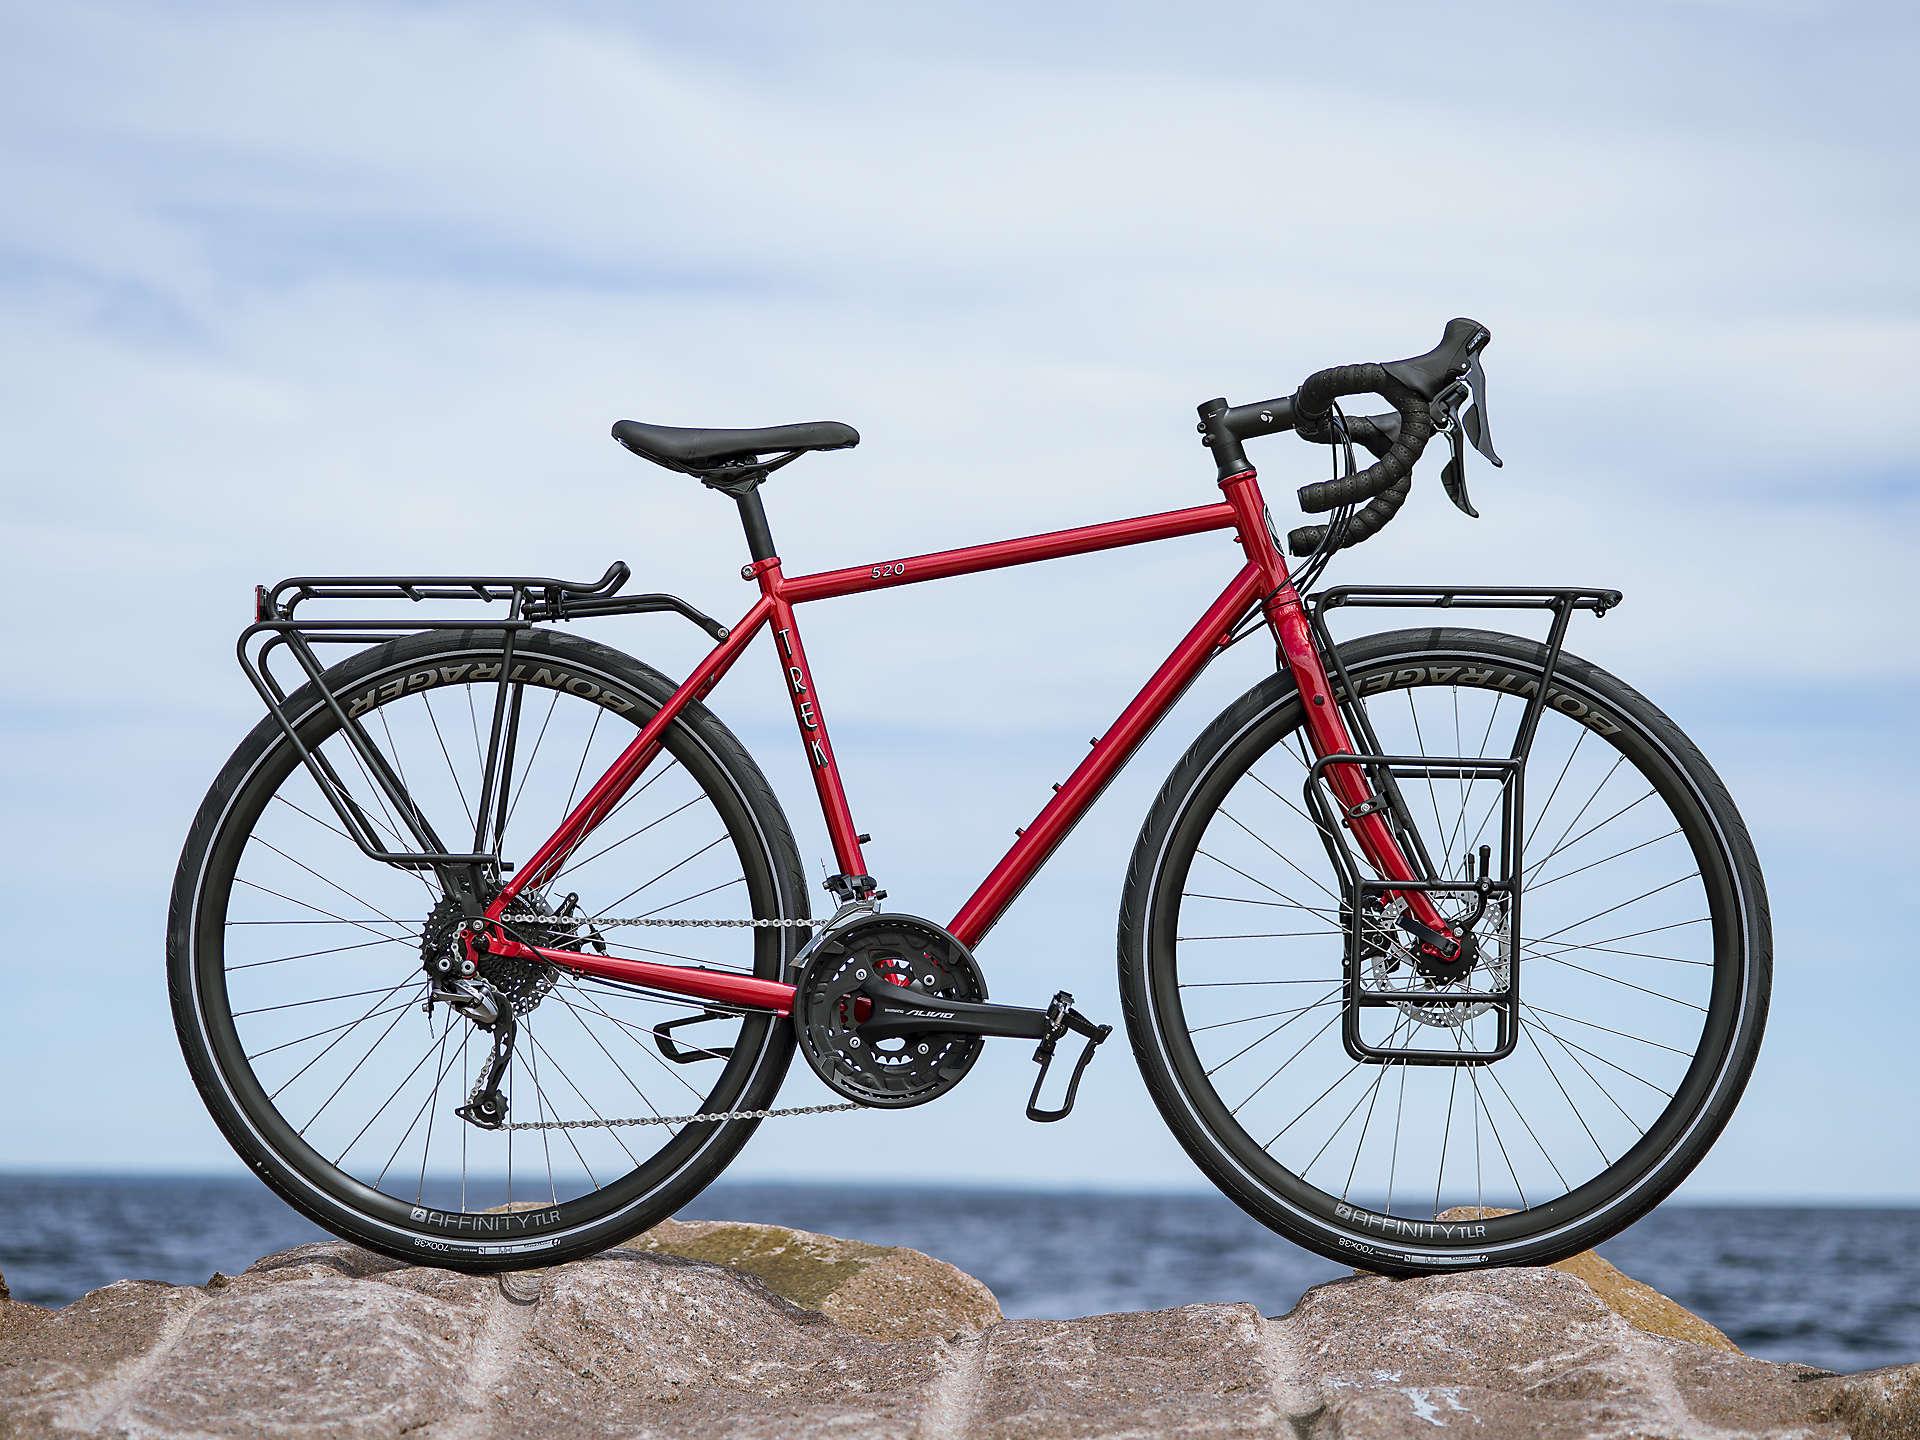 ツーリングバイクTREK 520